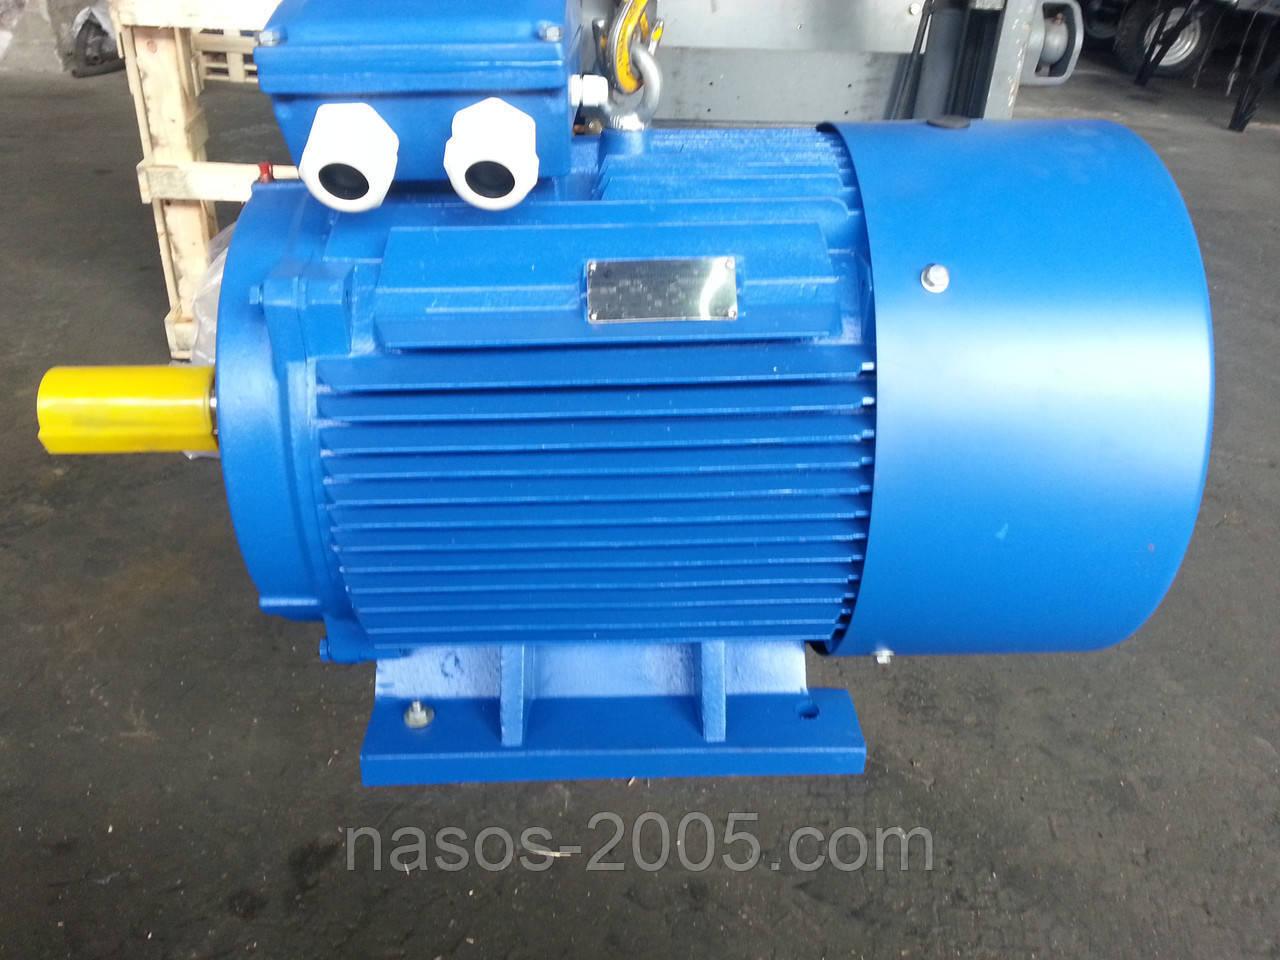 Електродвигун АИР 63 B6 0,25 кВт 1000 об/хв